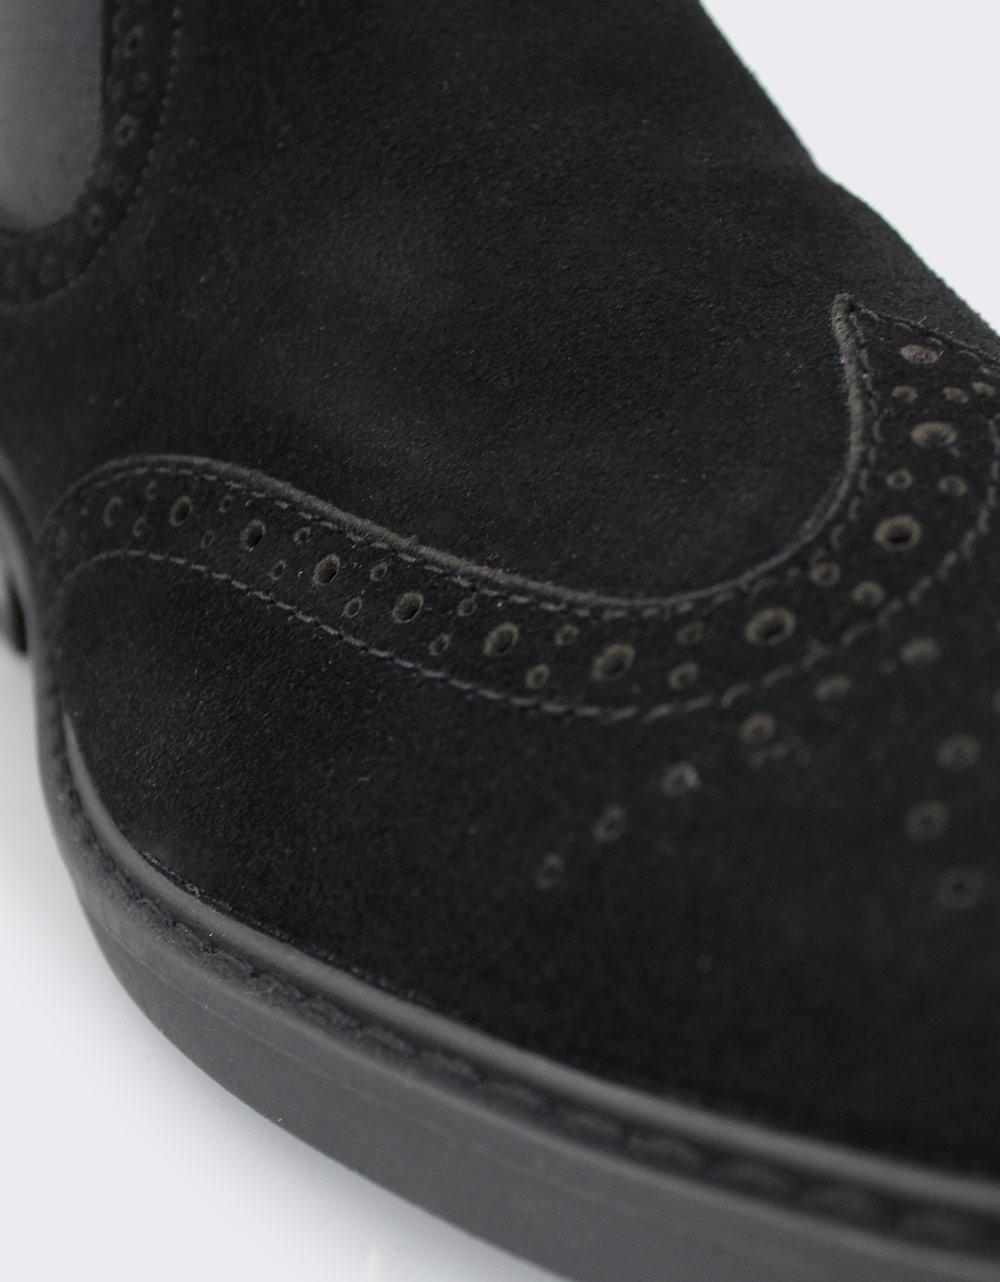 Εικόνα από Ανδρικά καστόρινα δερμάτινα μποτάκια περφορέ με λάστιχο Μαύρο